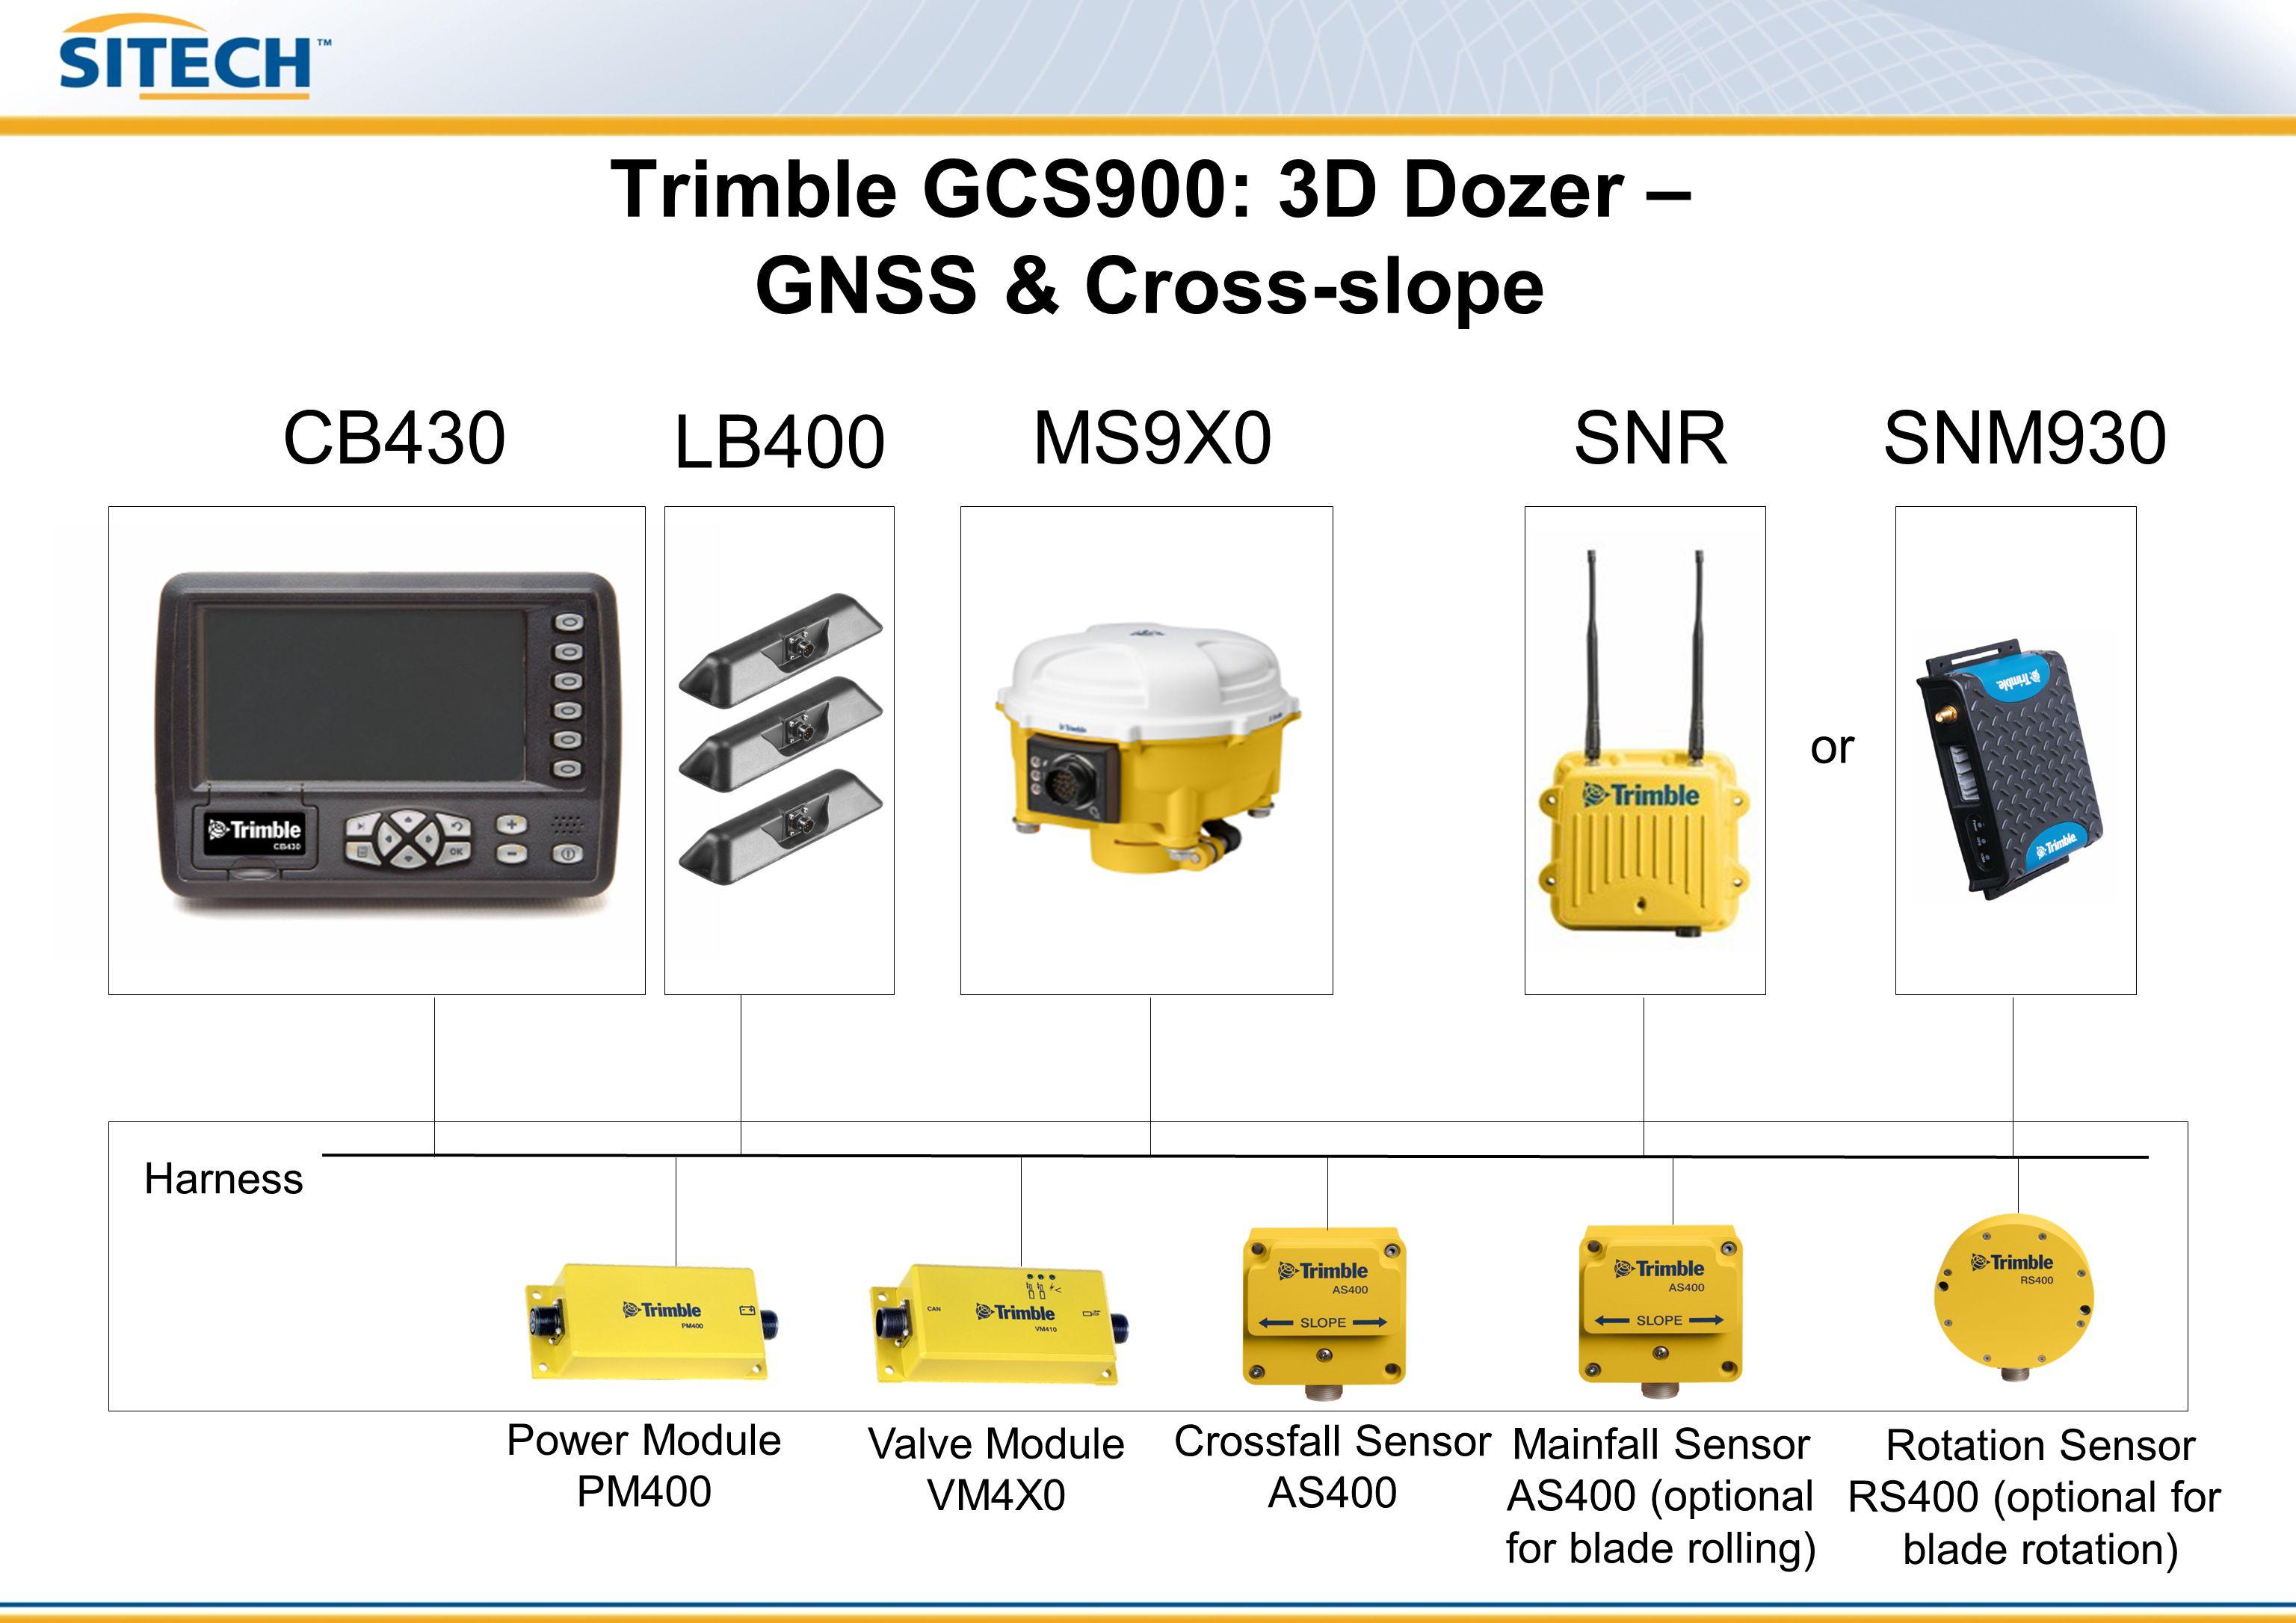 Trimble GCS900: 3D Dozer – GNSS & Cross-slope